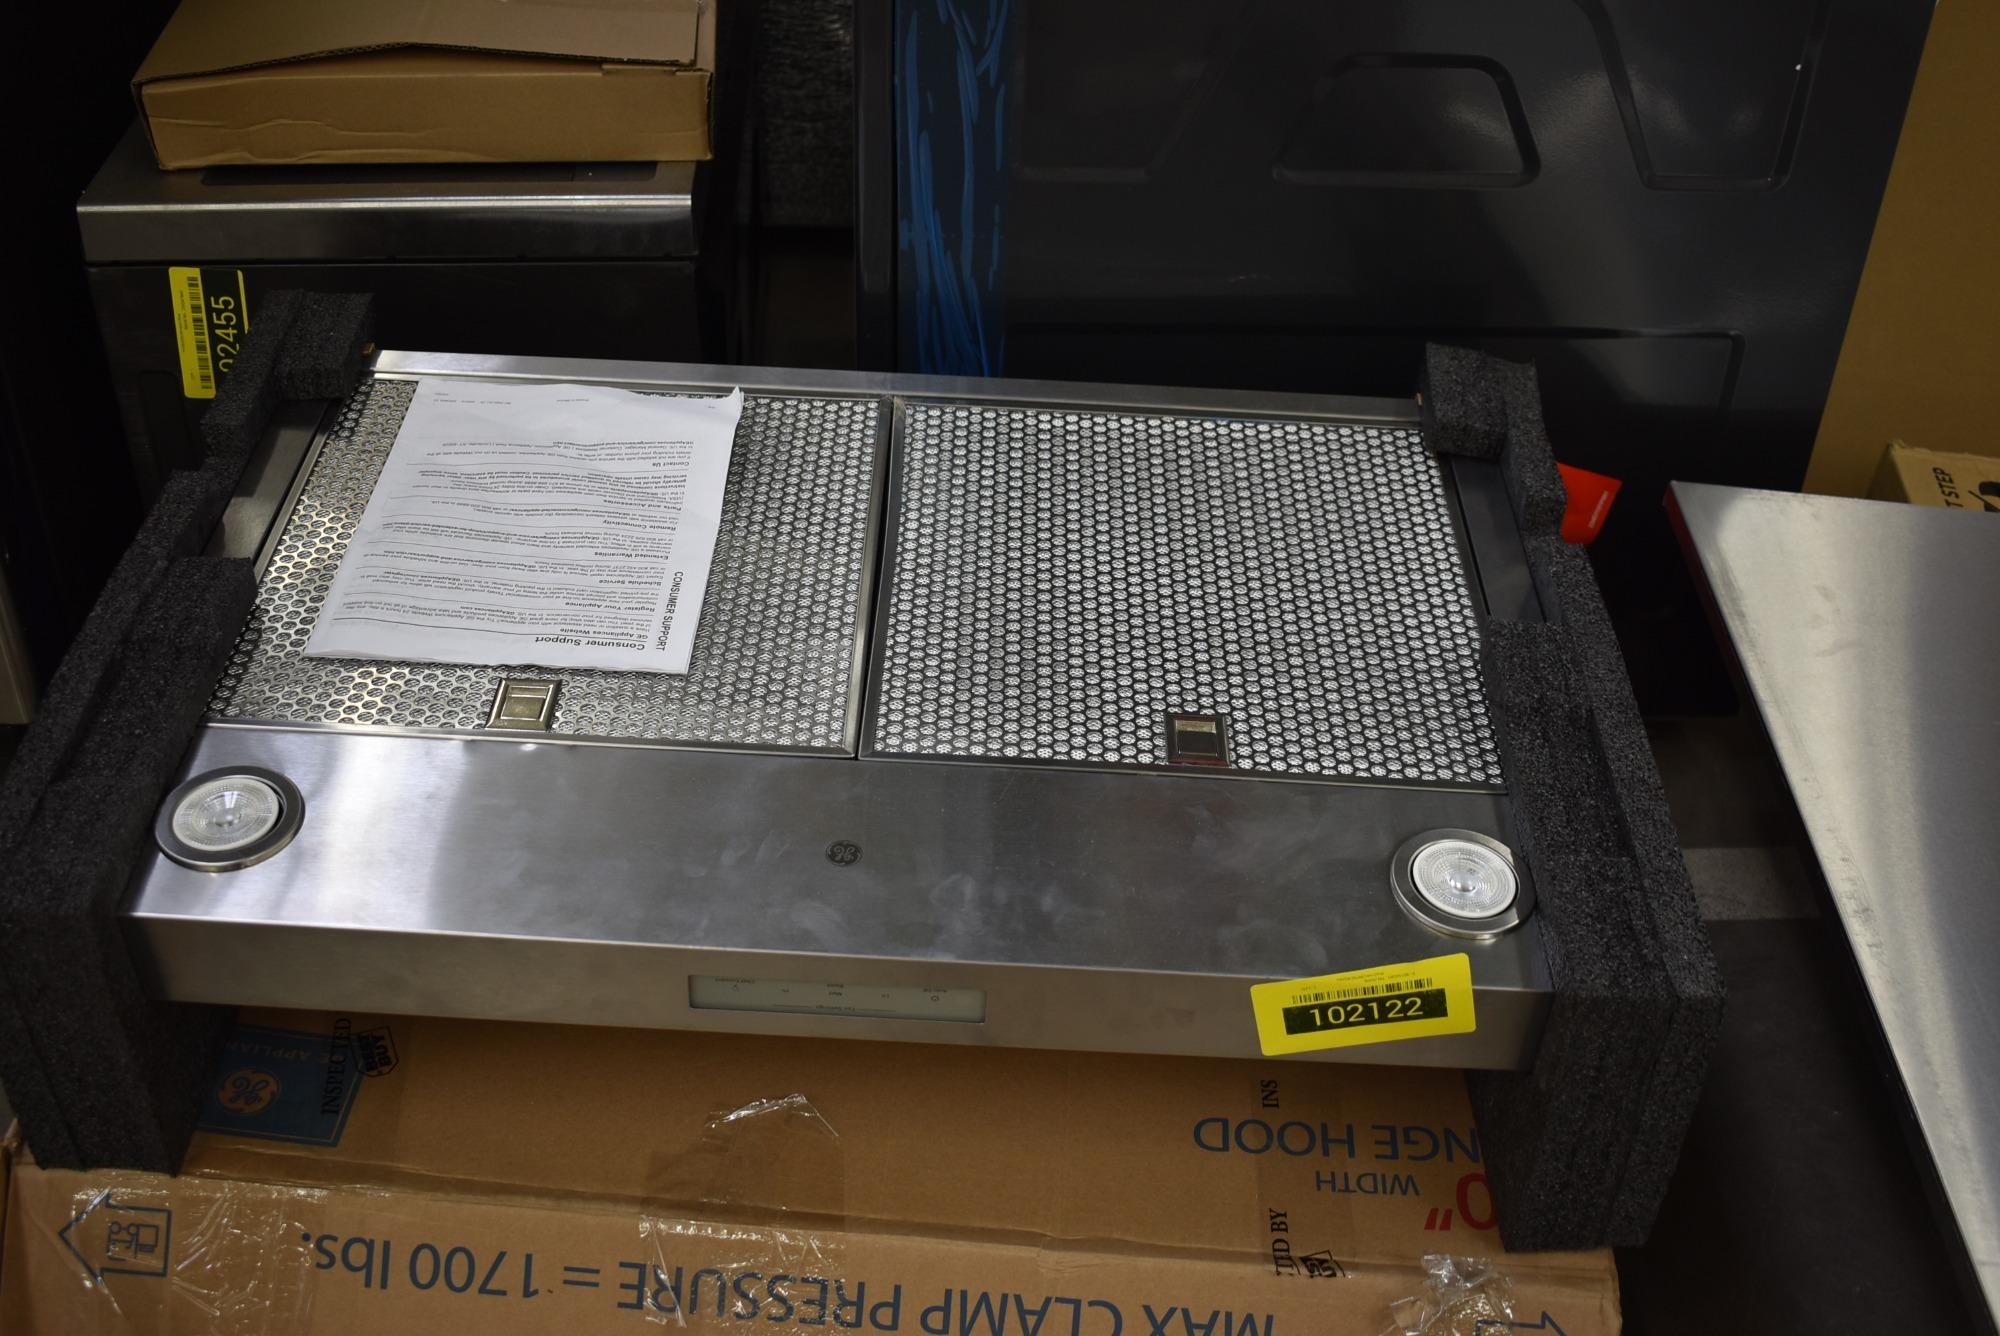 GE PVX7300SJSS 30